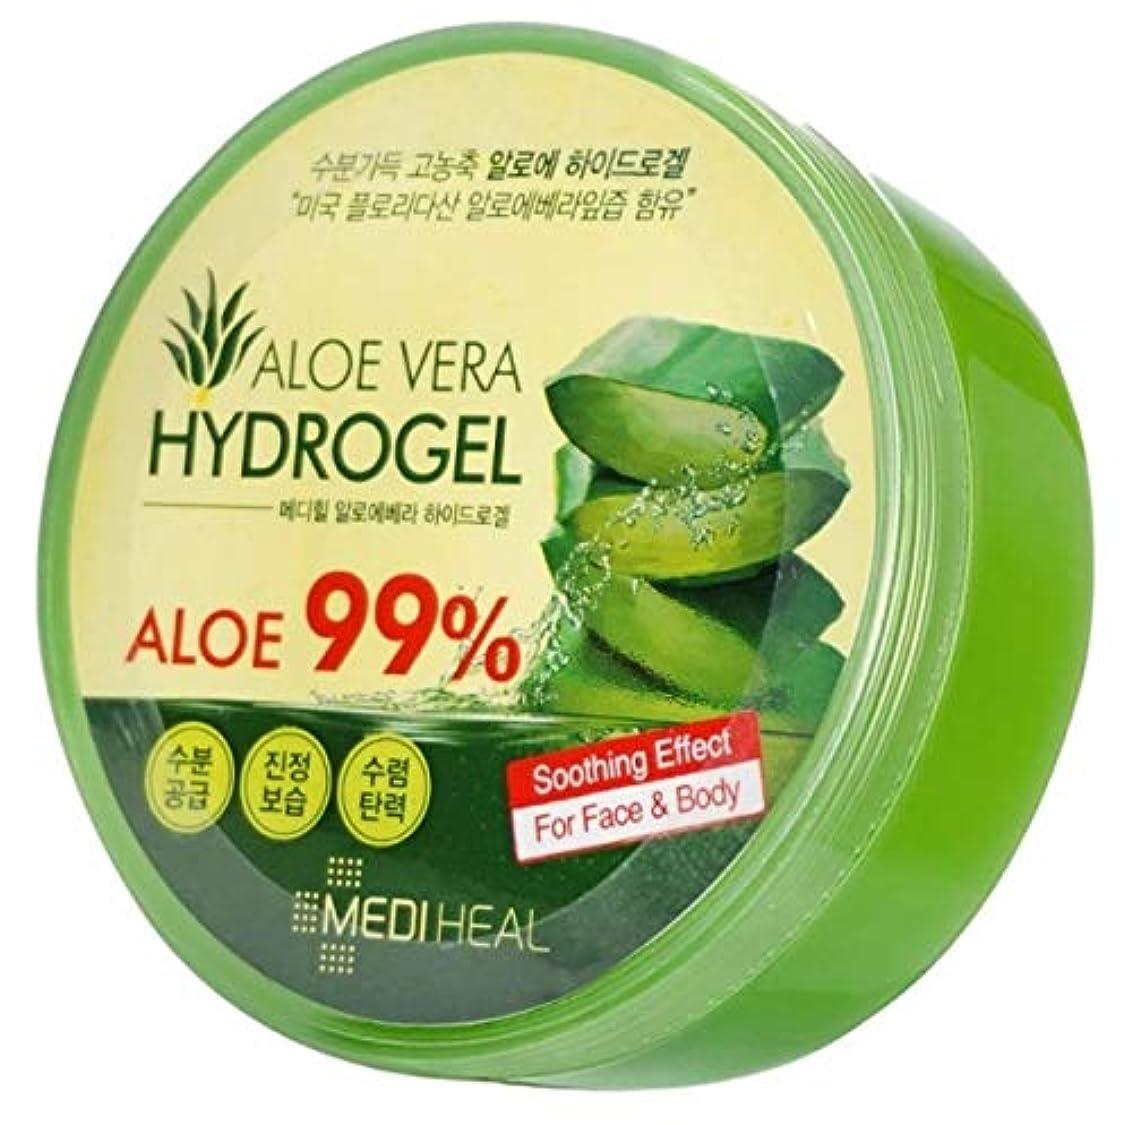 雪の薬を飲むアサートMediheal メディヒール Skin Soothing なだめるような & Moisture 水分 99% Aloe アロエ Vera Hydro Gels ハイドロゲル